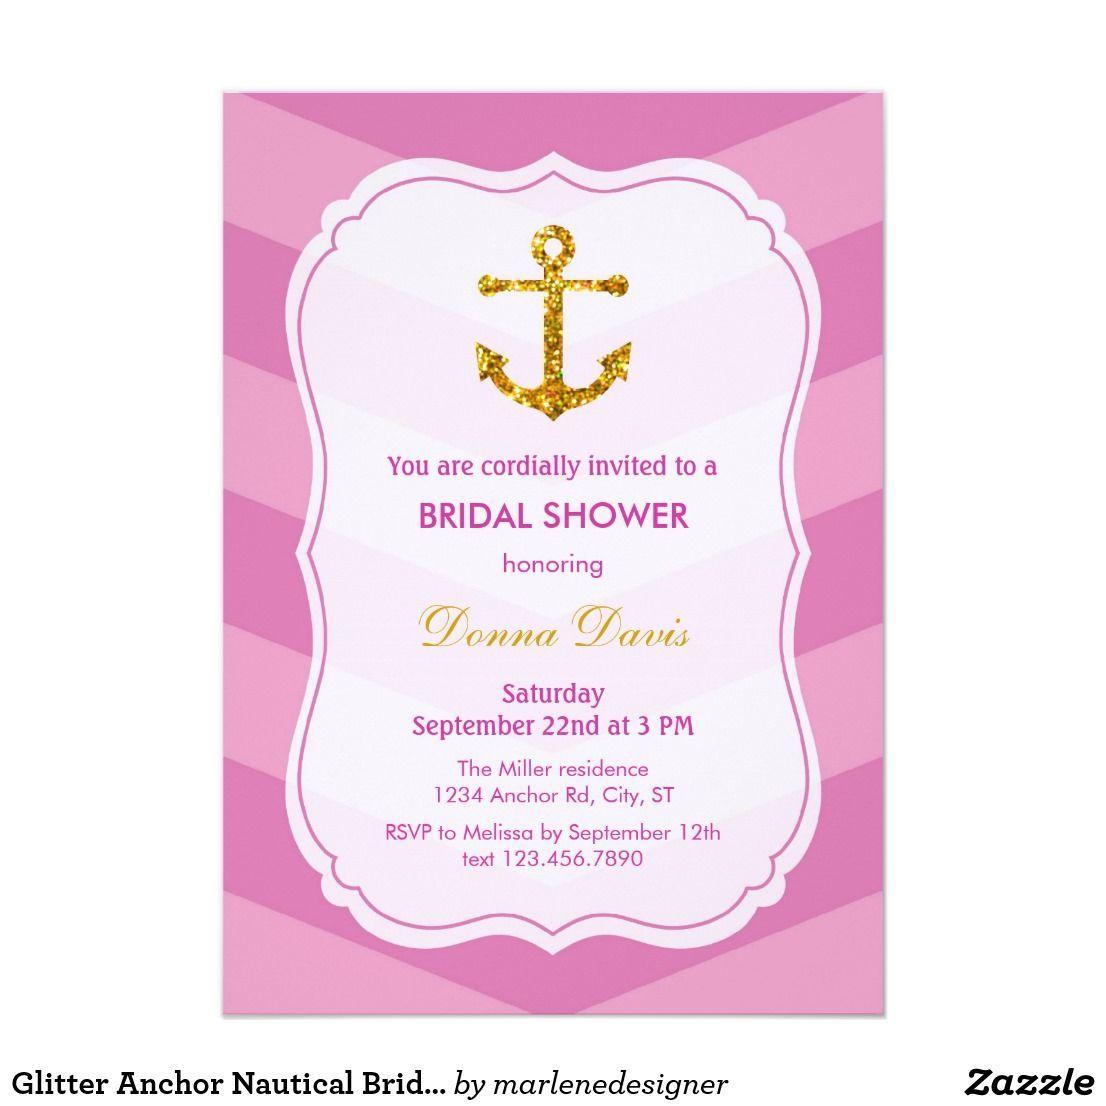 Glitter Anchor Nautical Bridal Shower Invitation This invitation ...